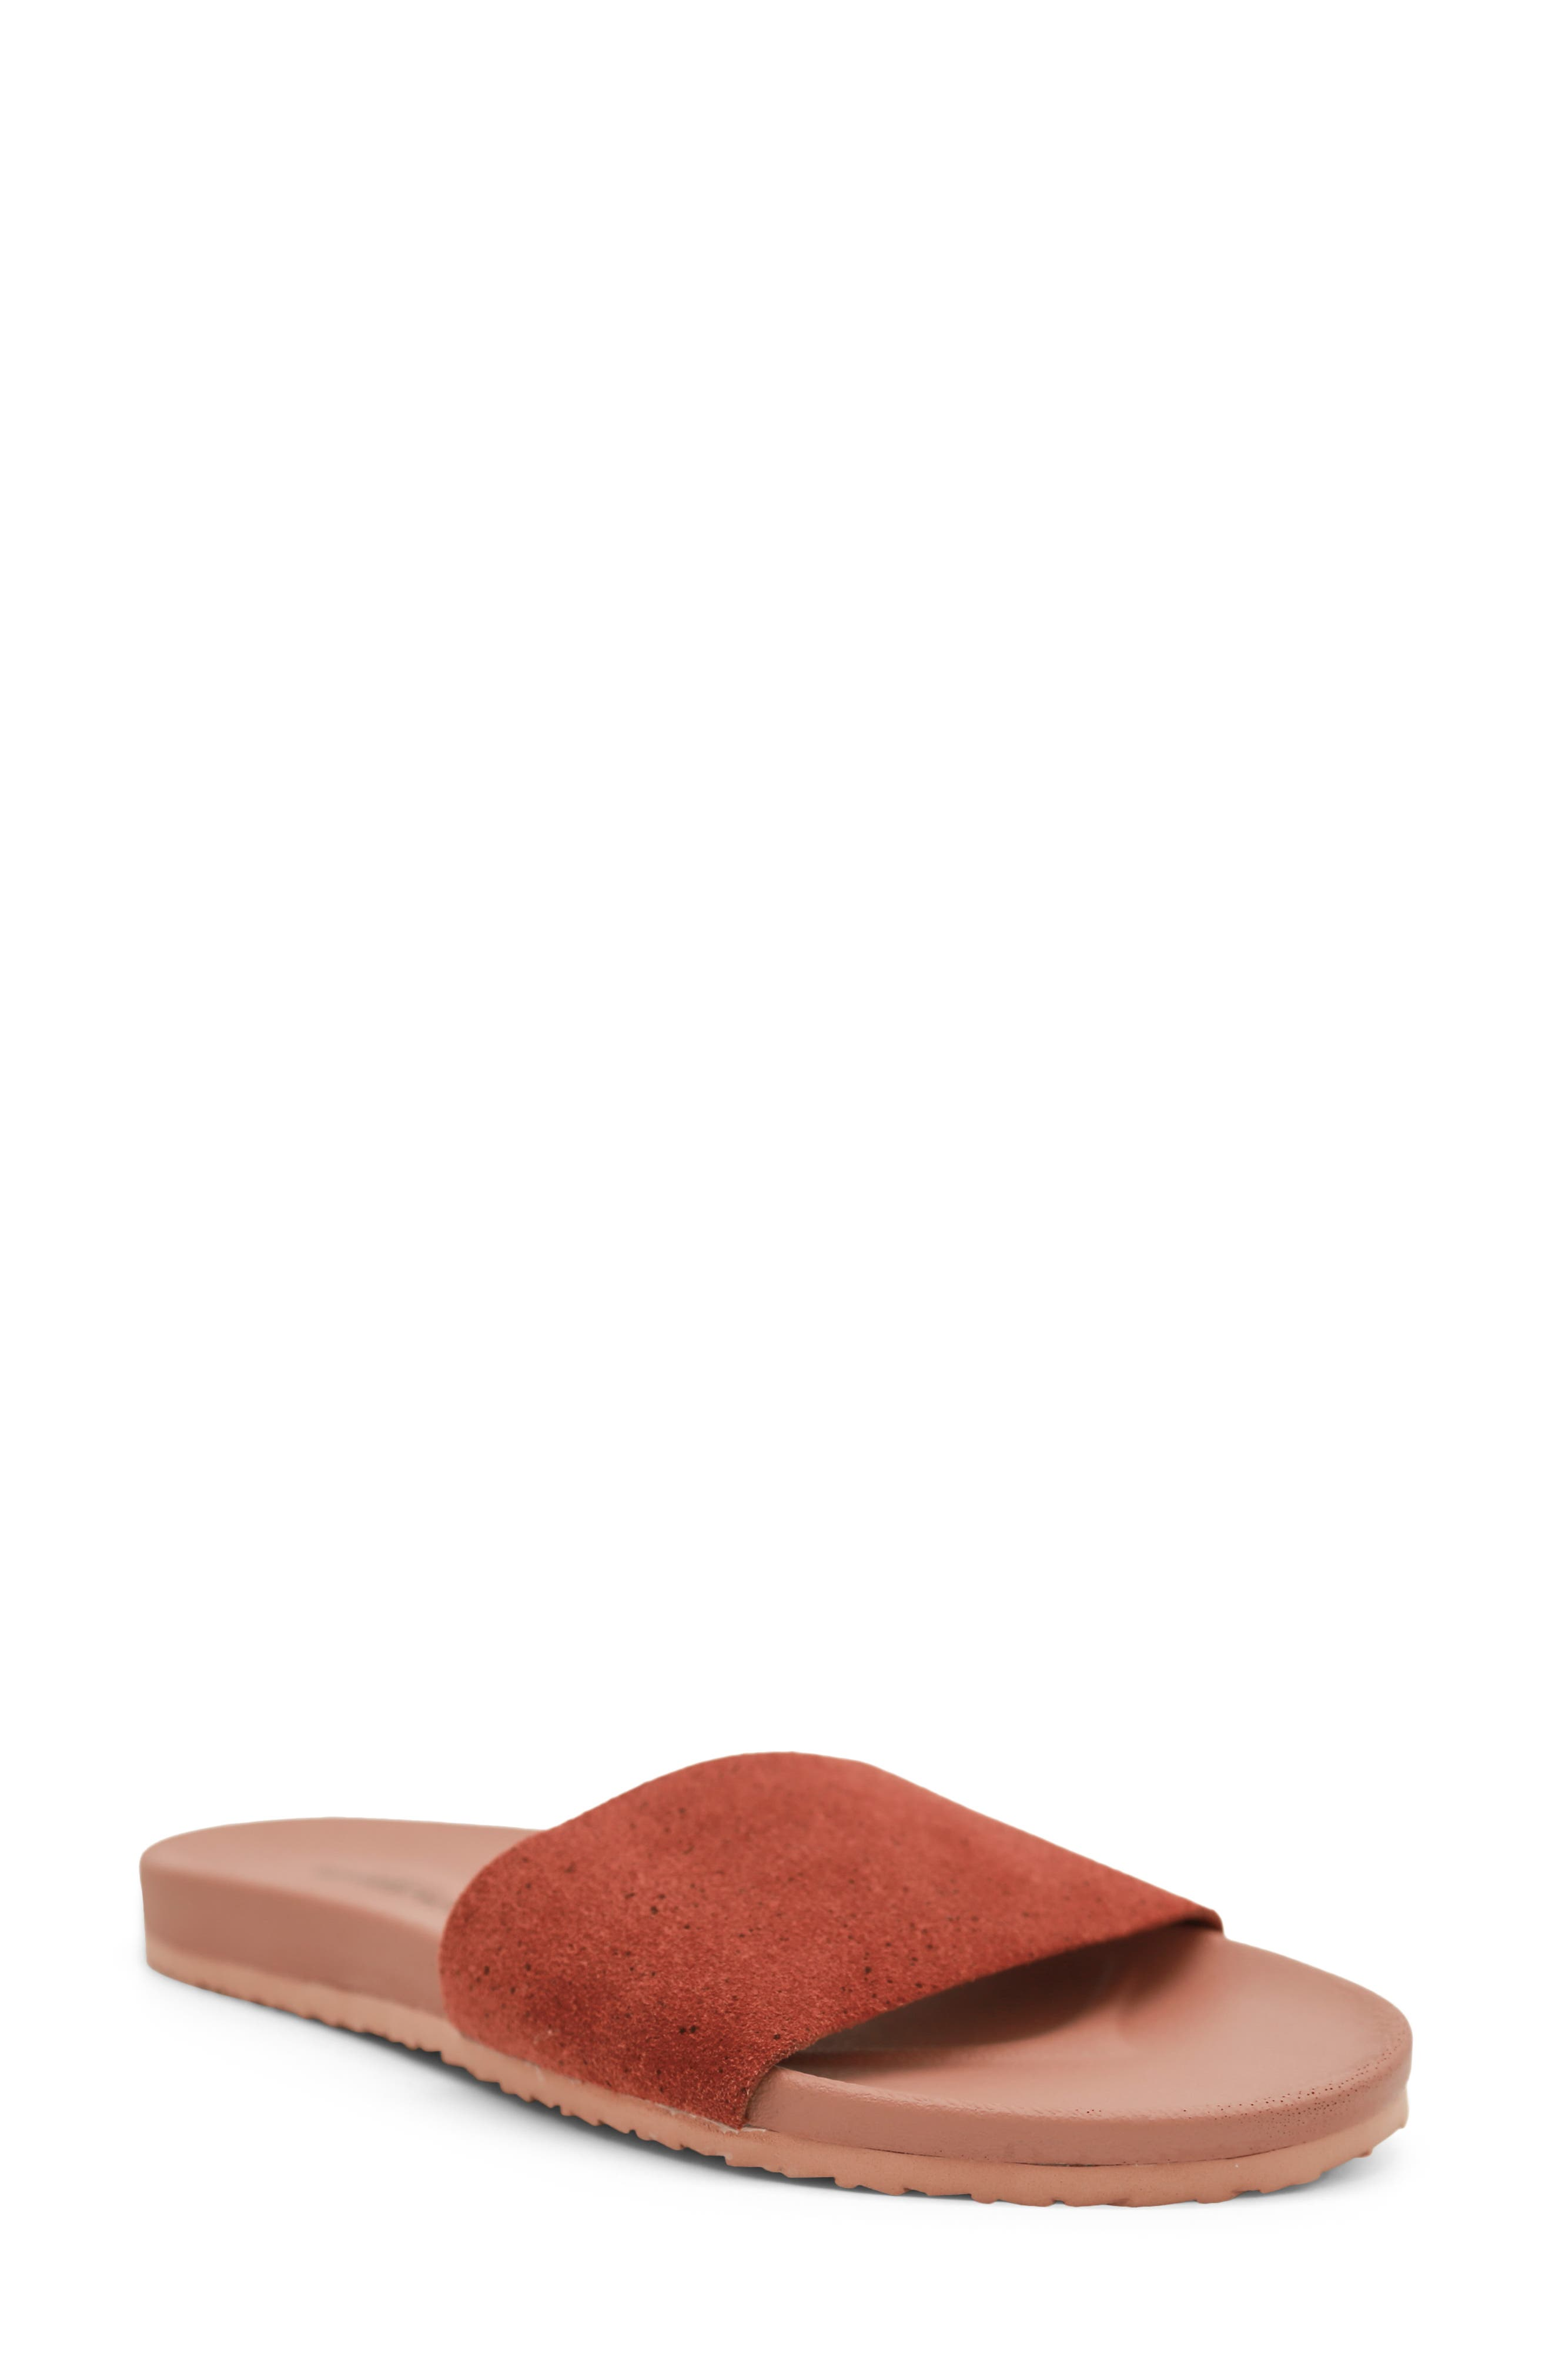 Pronto Superlux Slide Sandal